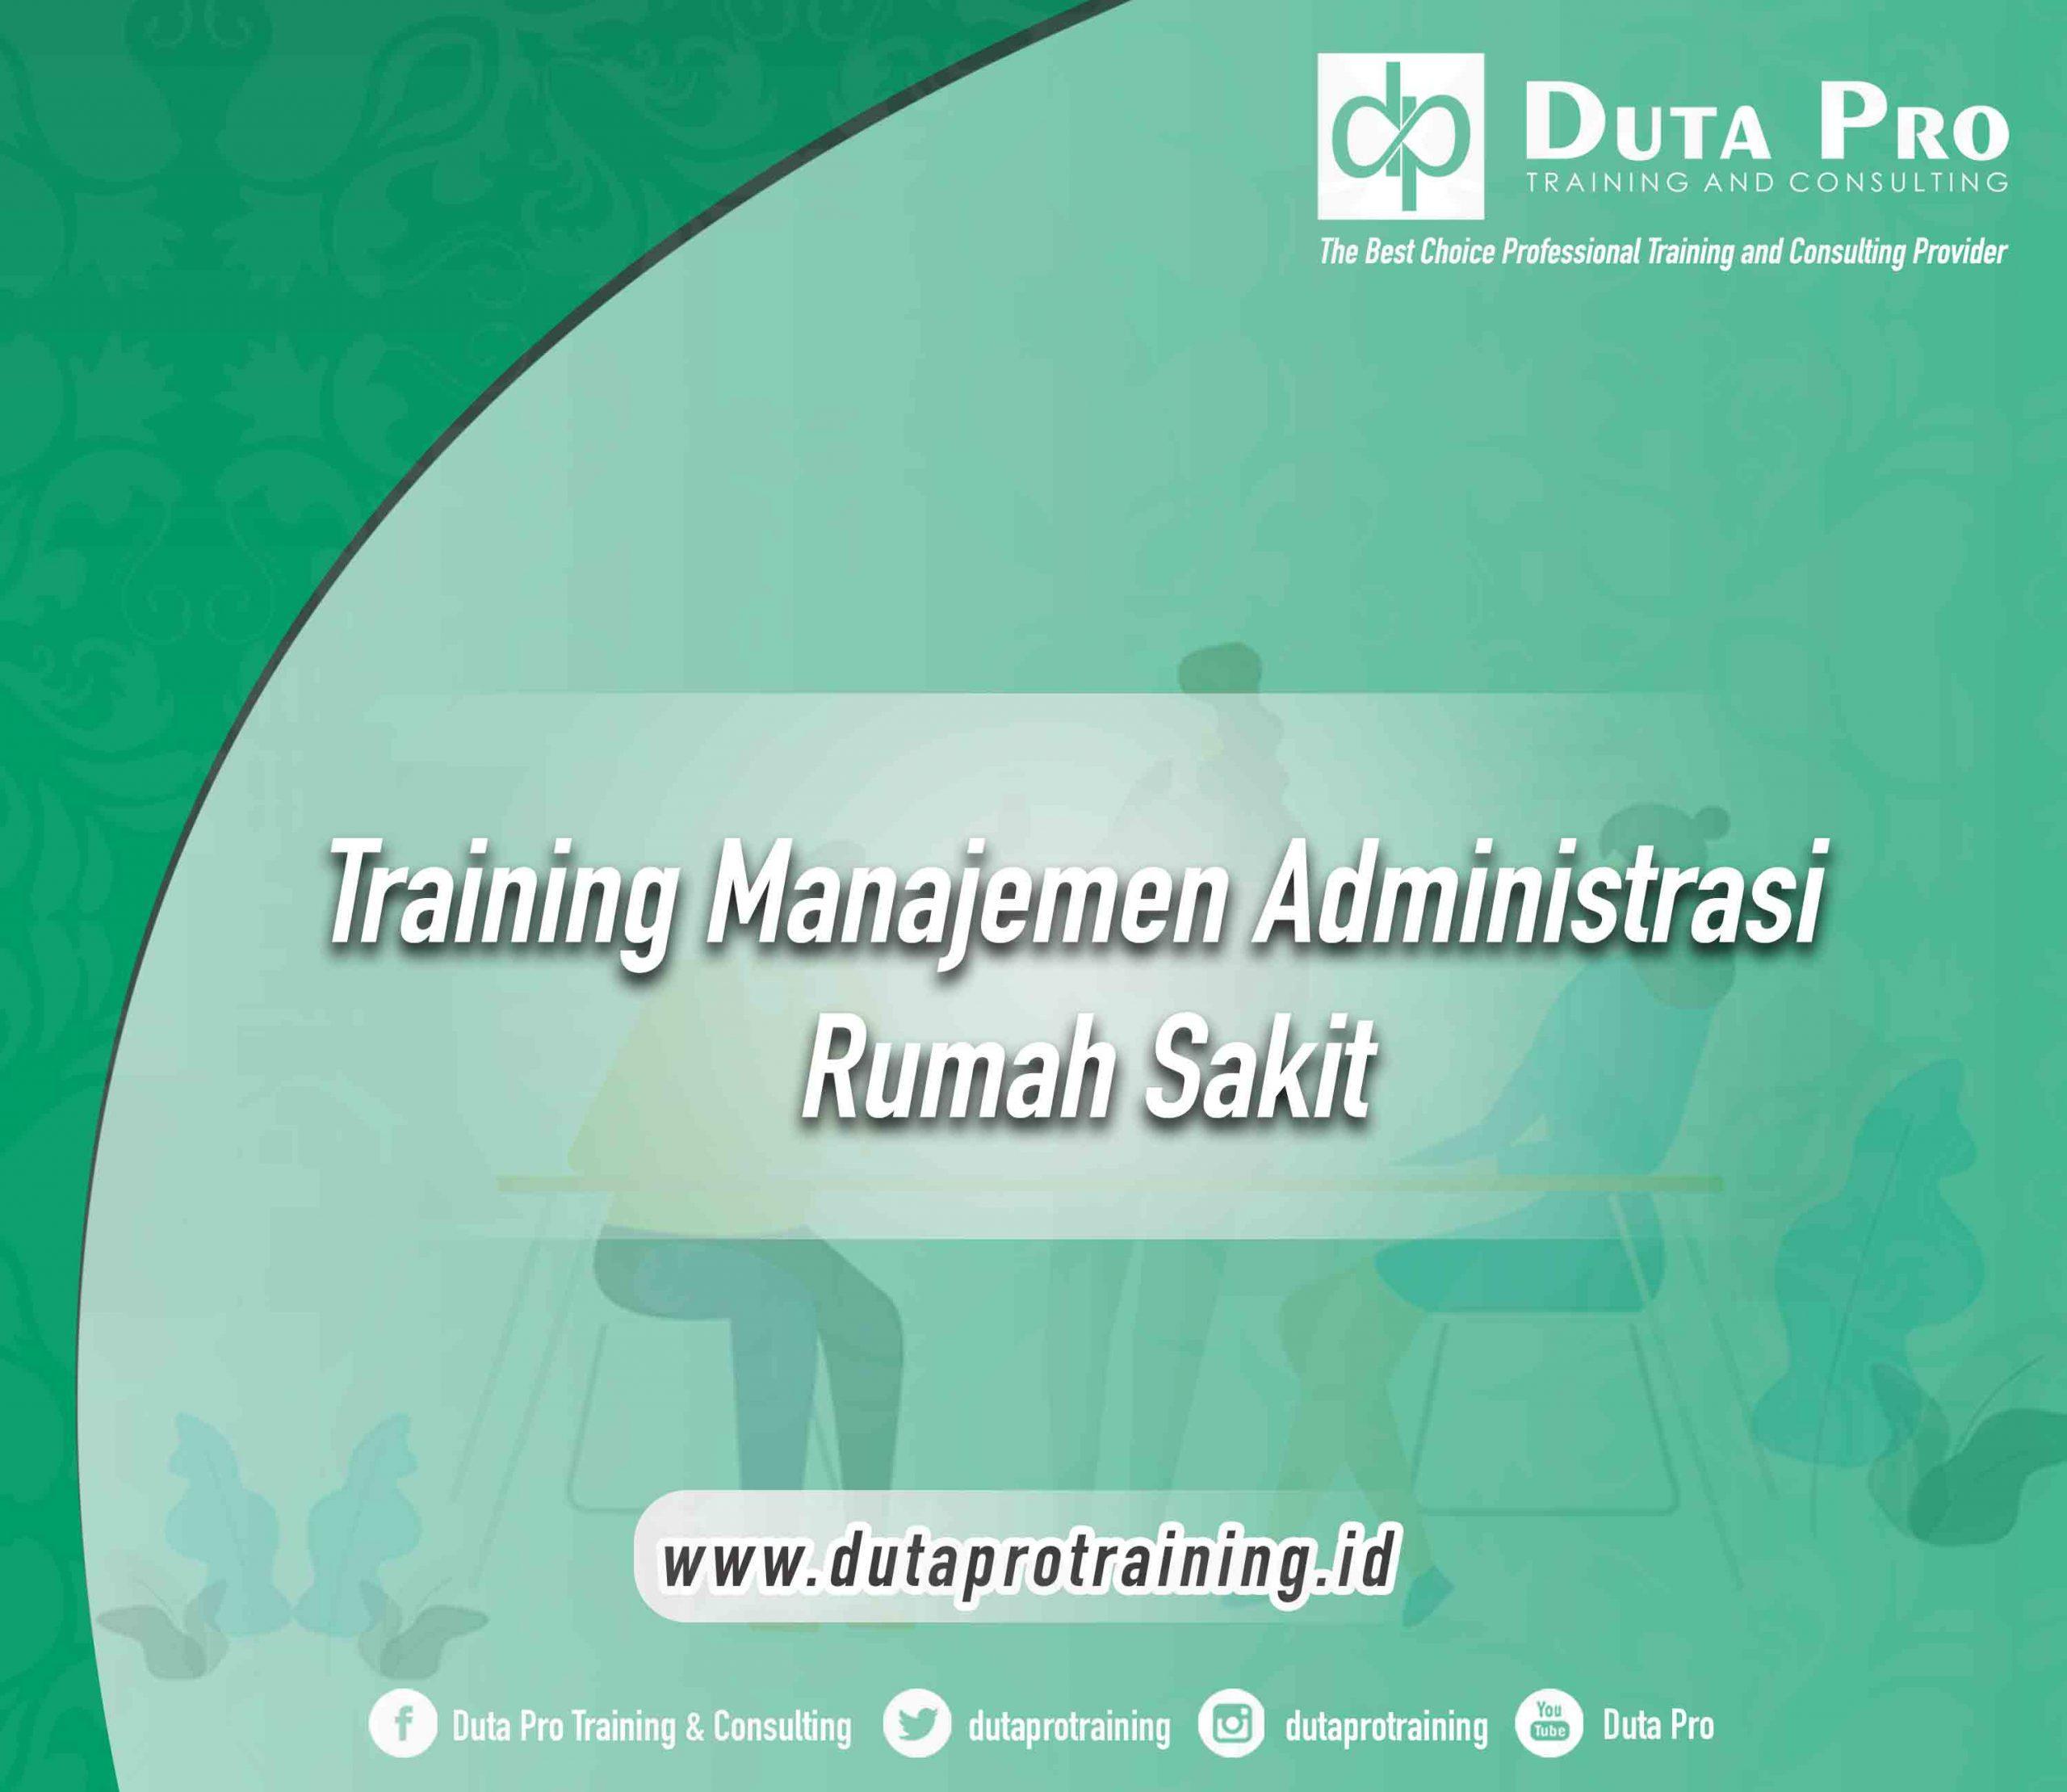 Training Manajemen Administrasi Rumah Sakit